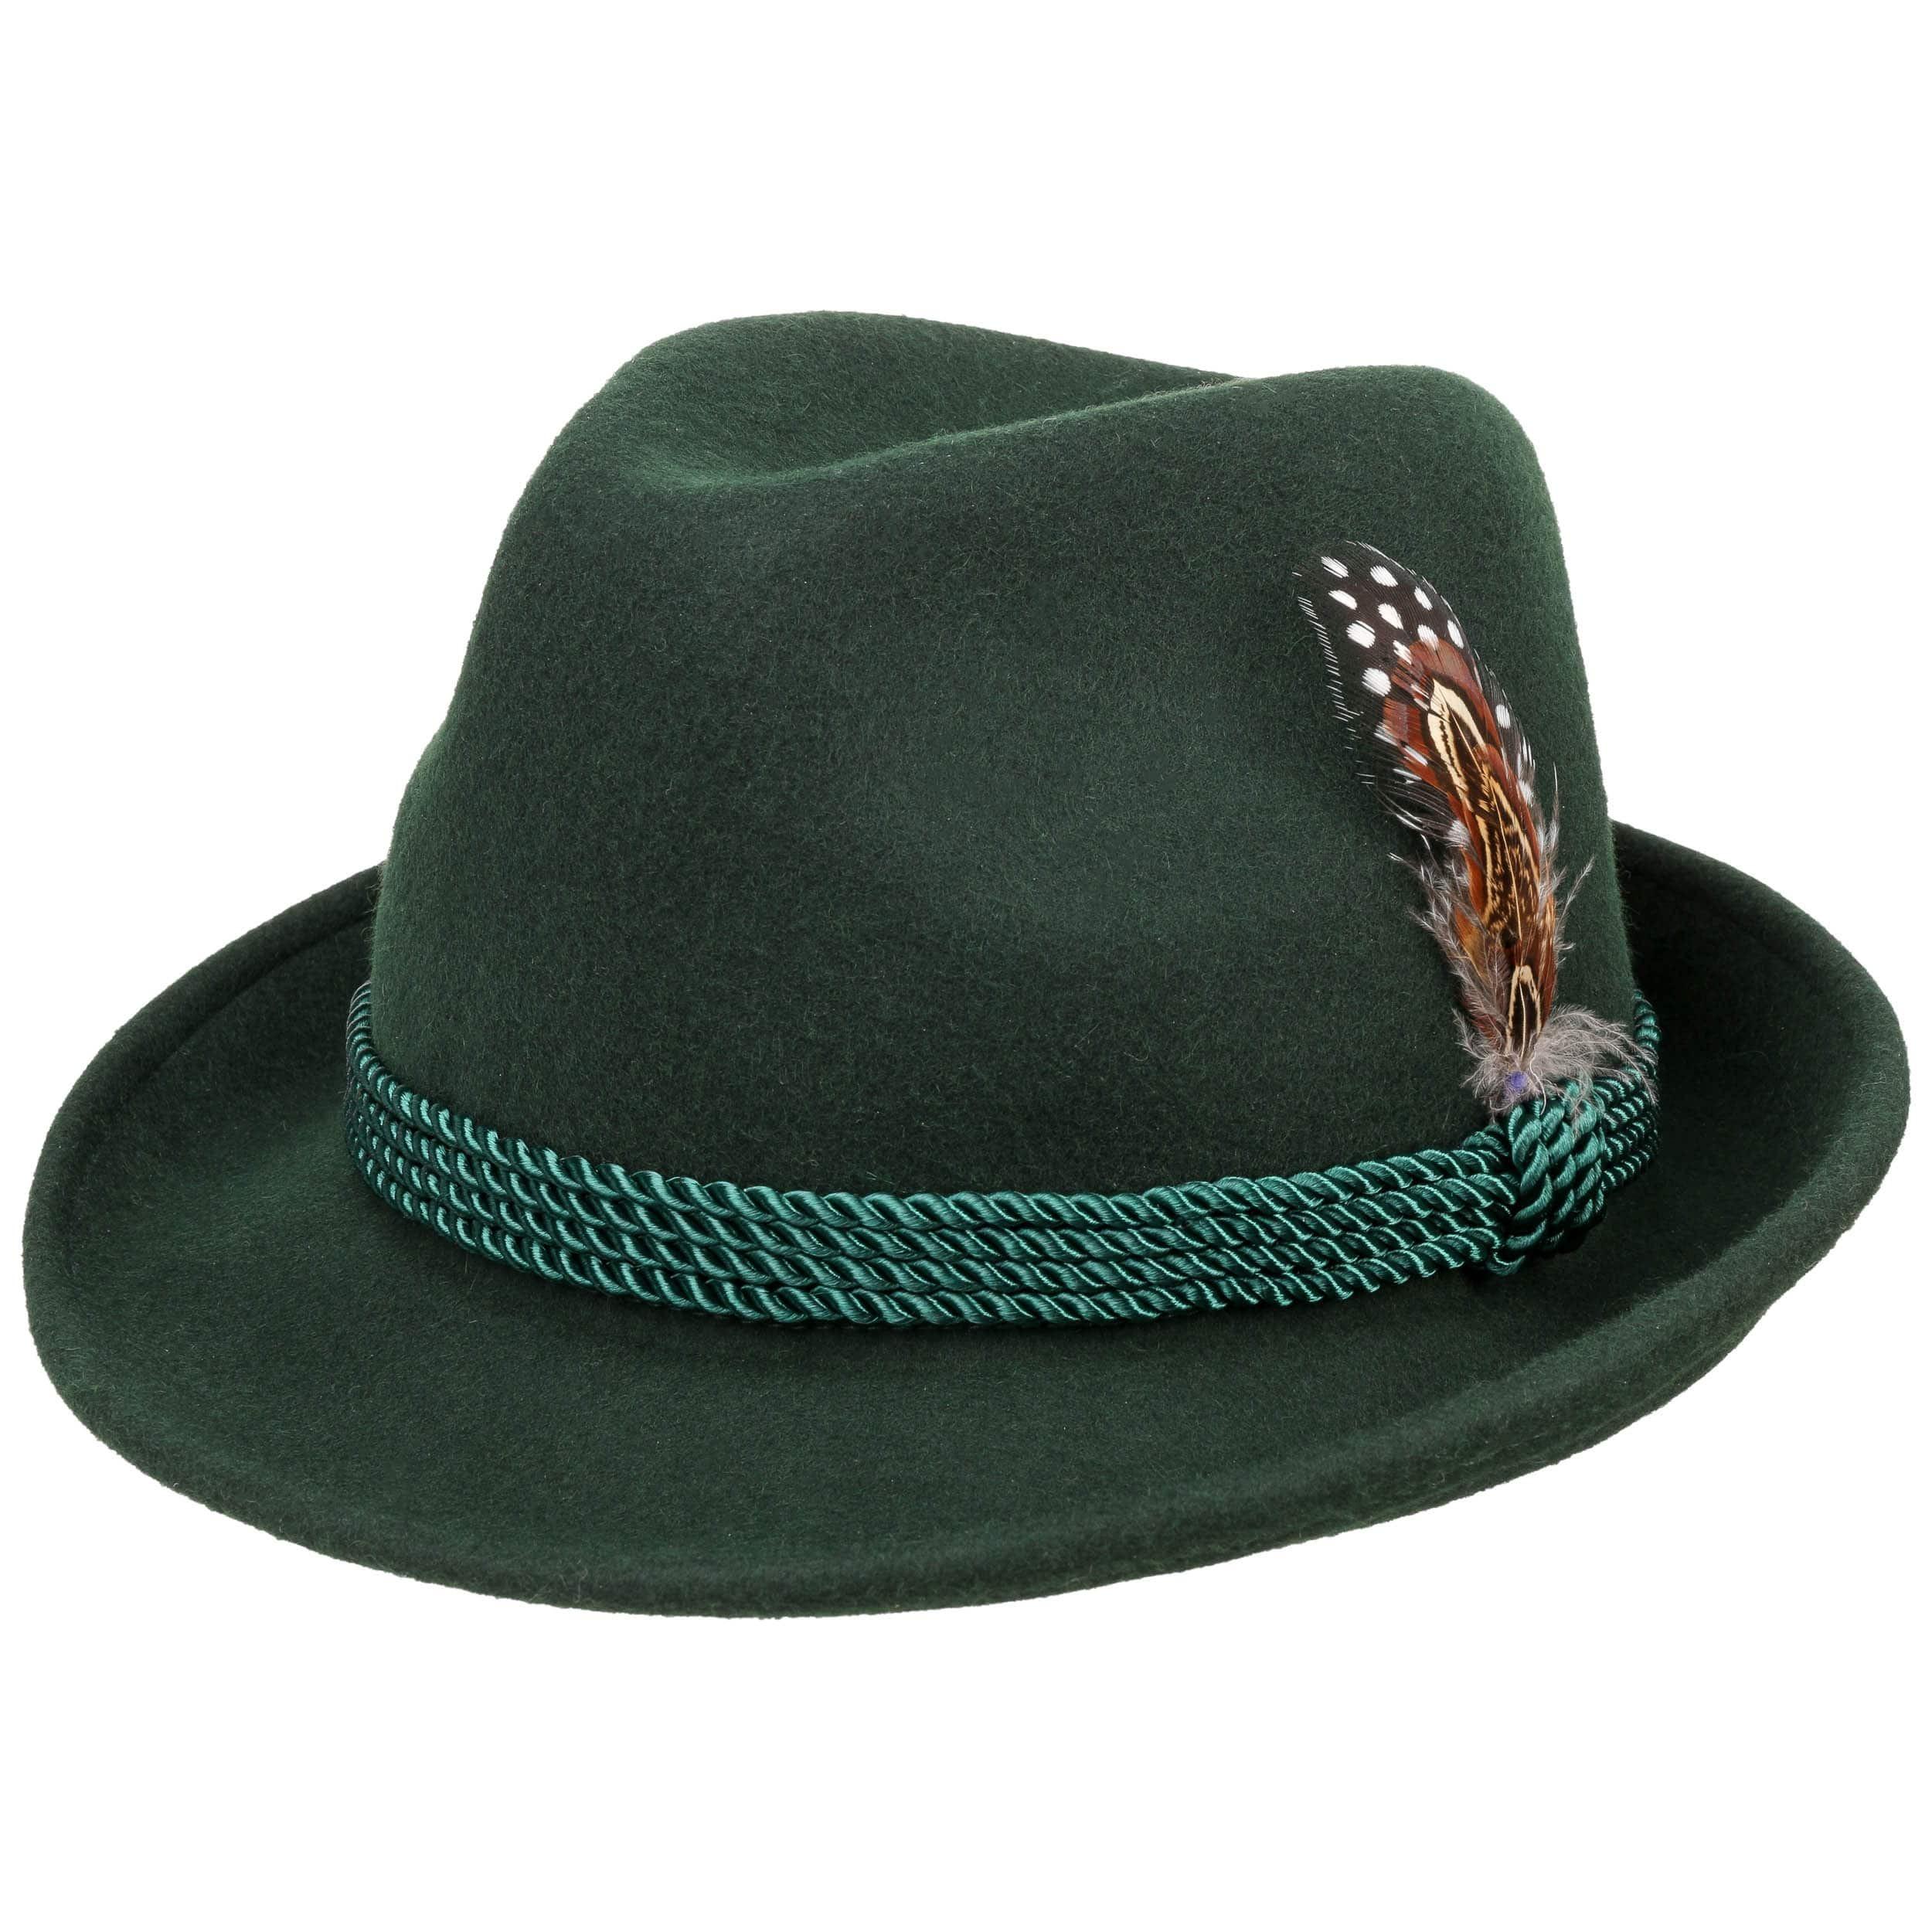 Men 180 S Tyrolean Hat Eur 29 95 Gt Hats Caps Amp Beanies Shop Online Hatshopping Com